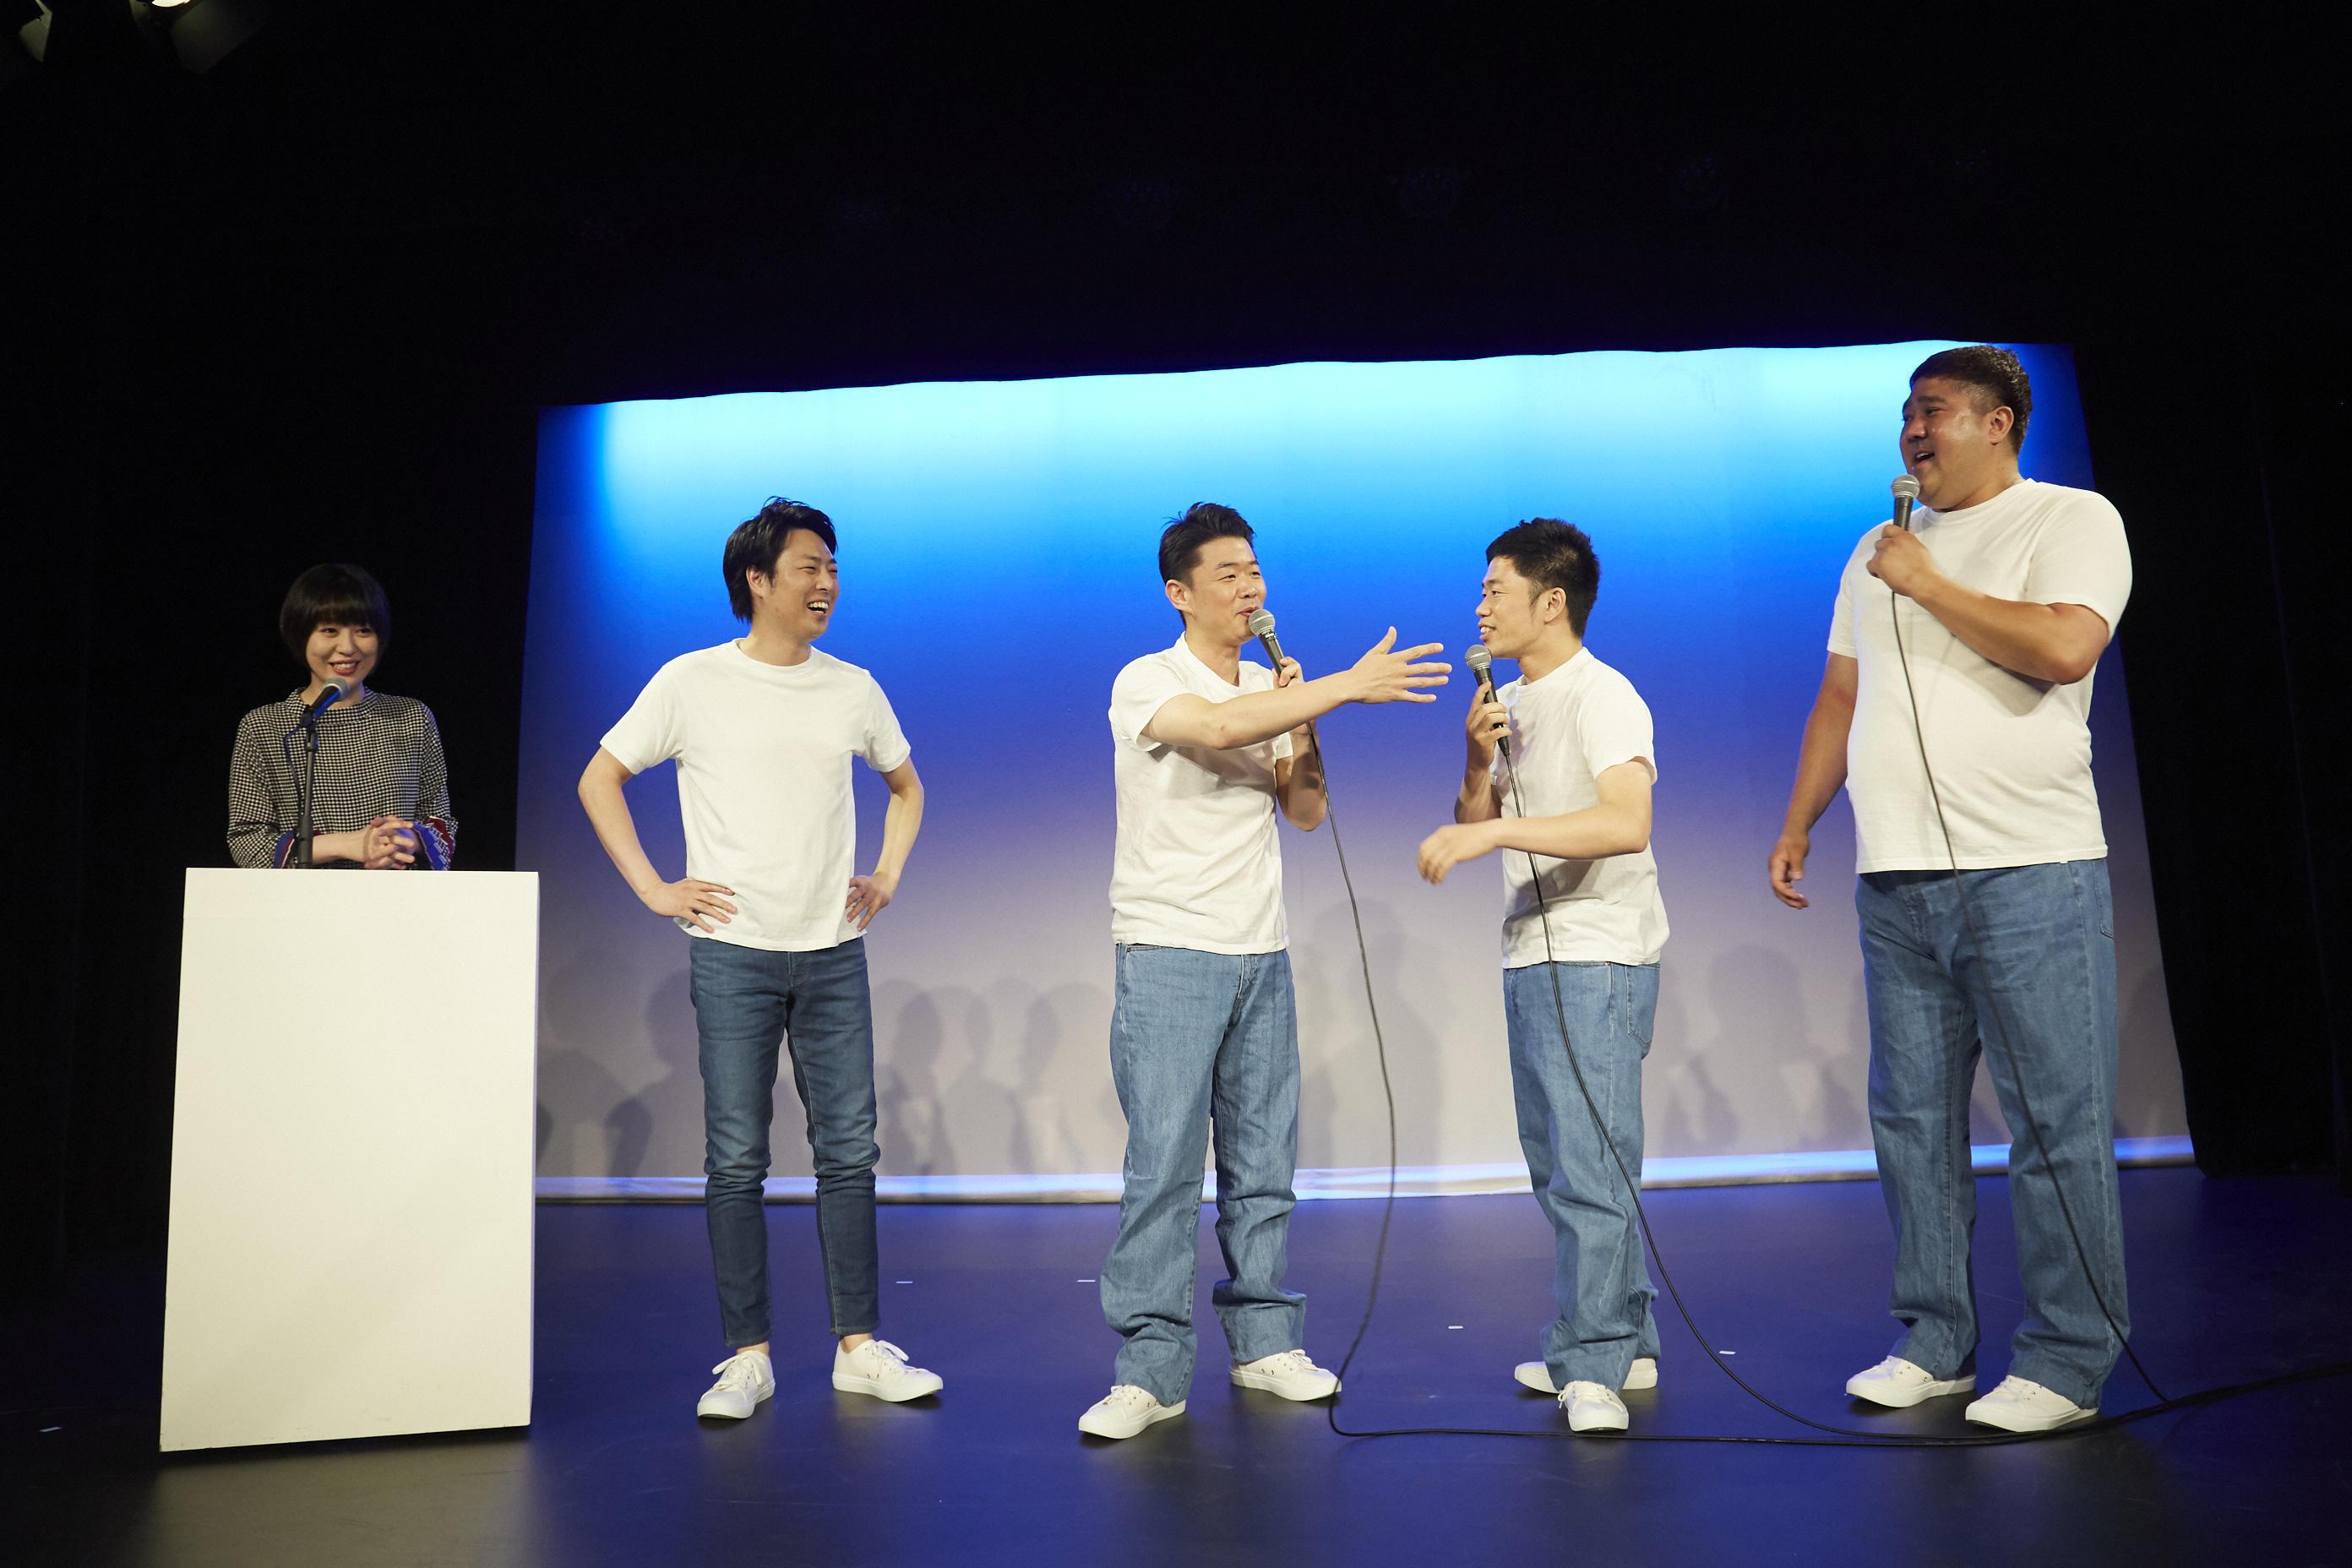 http://news.yoshimoto.co.jp/20180711200720-84d5b2115be25c0d391d6ce198205e65d28bdbcf.jpg